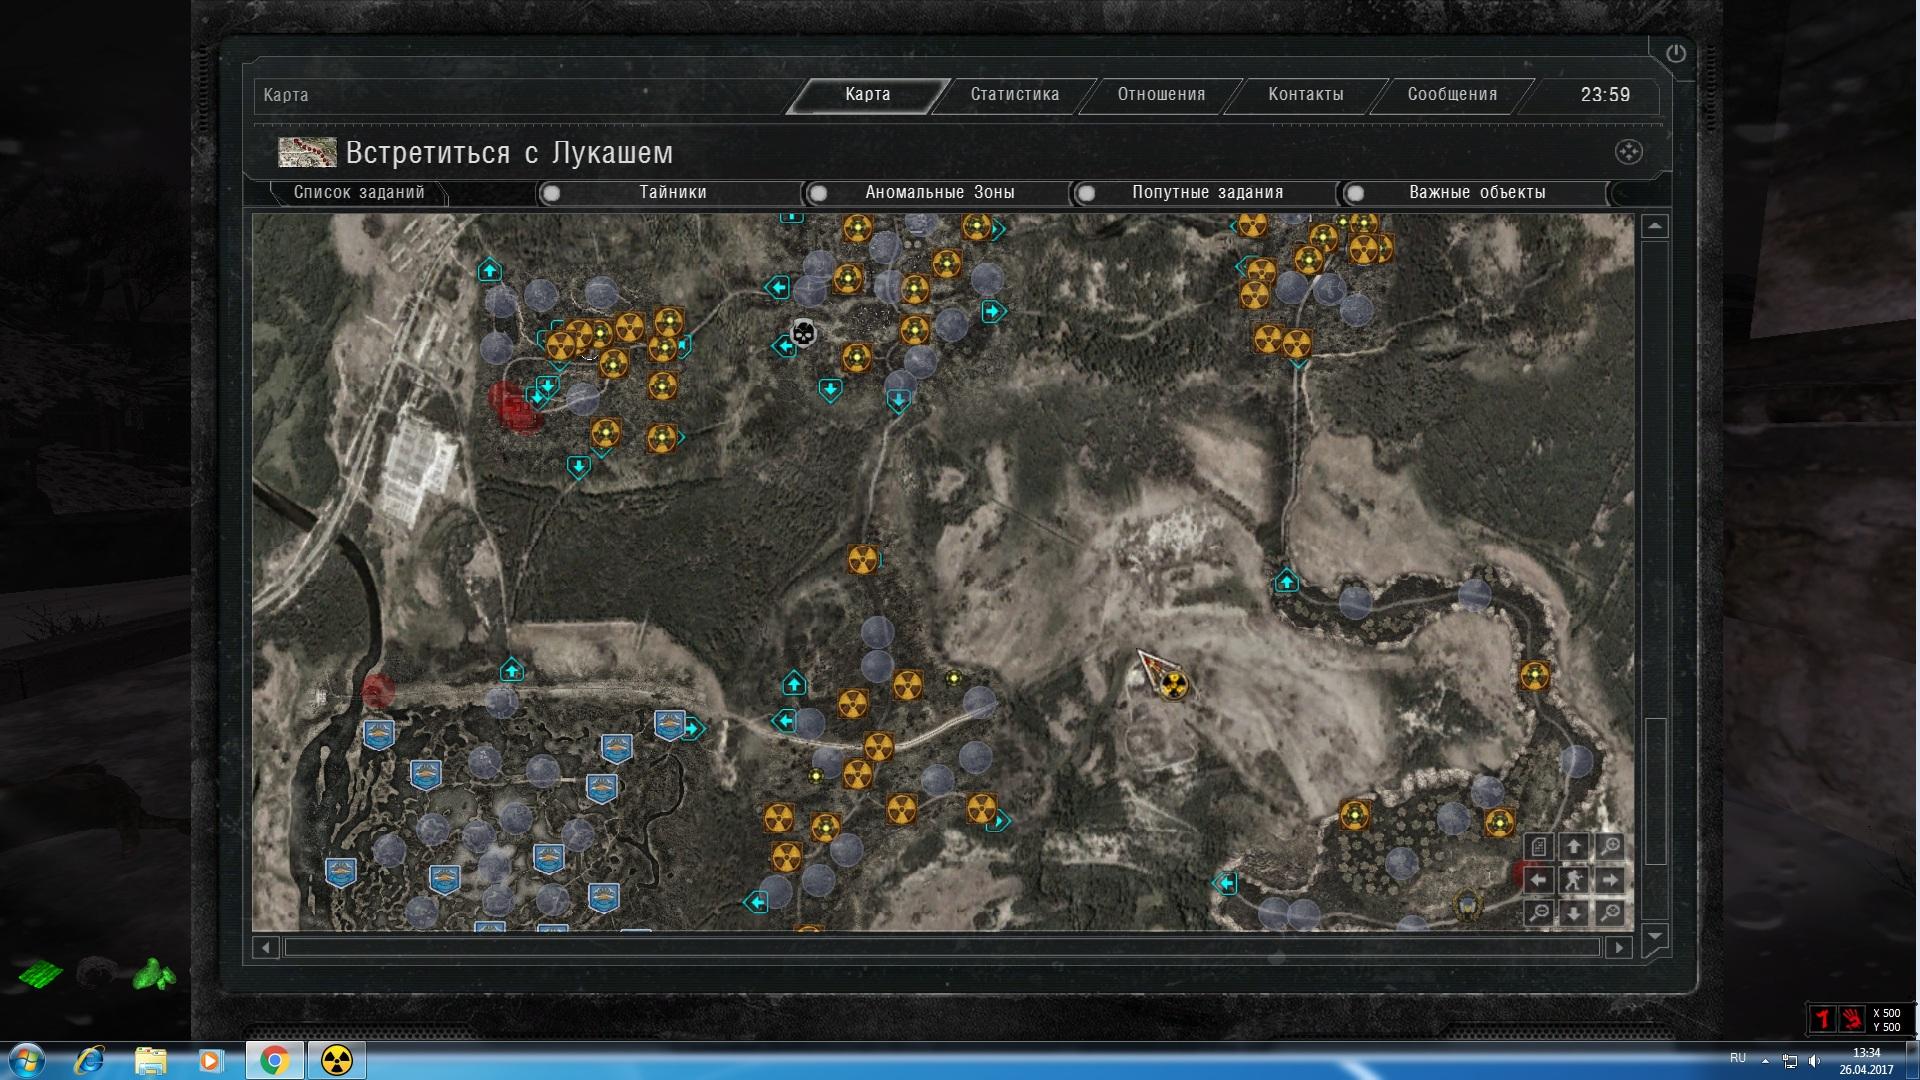 Карта сталкер чистое небо всех локаций